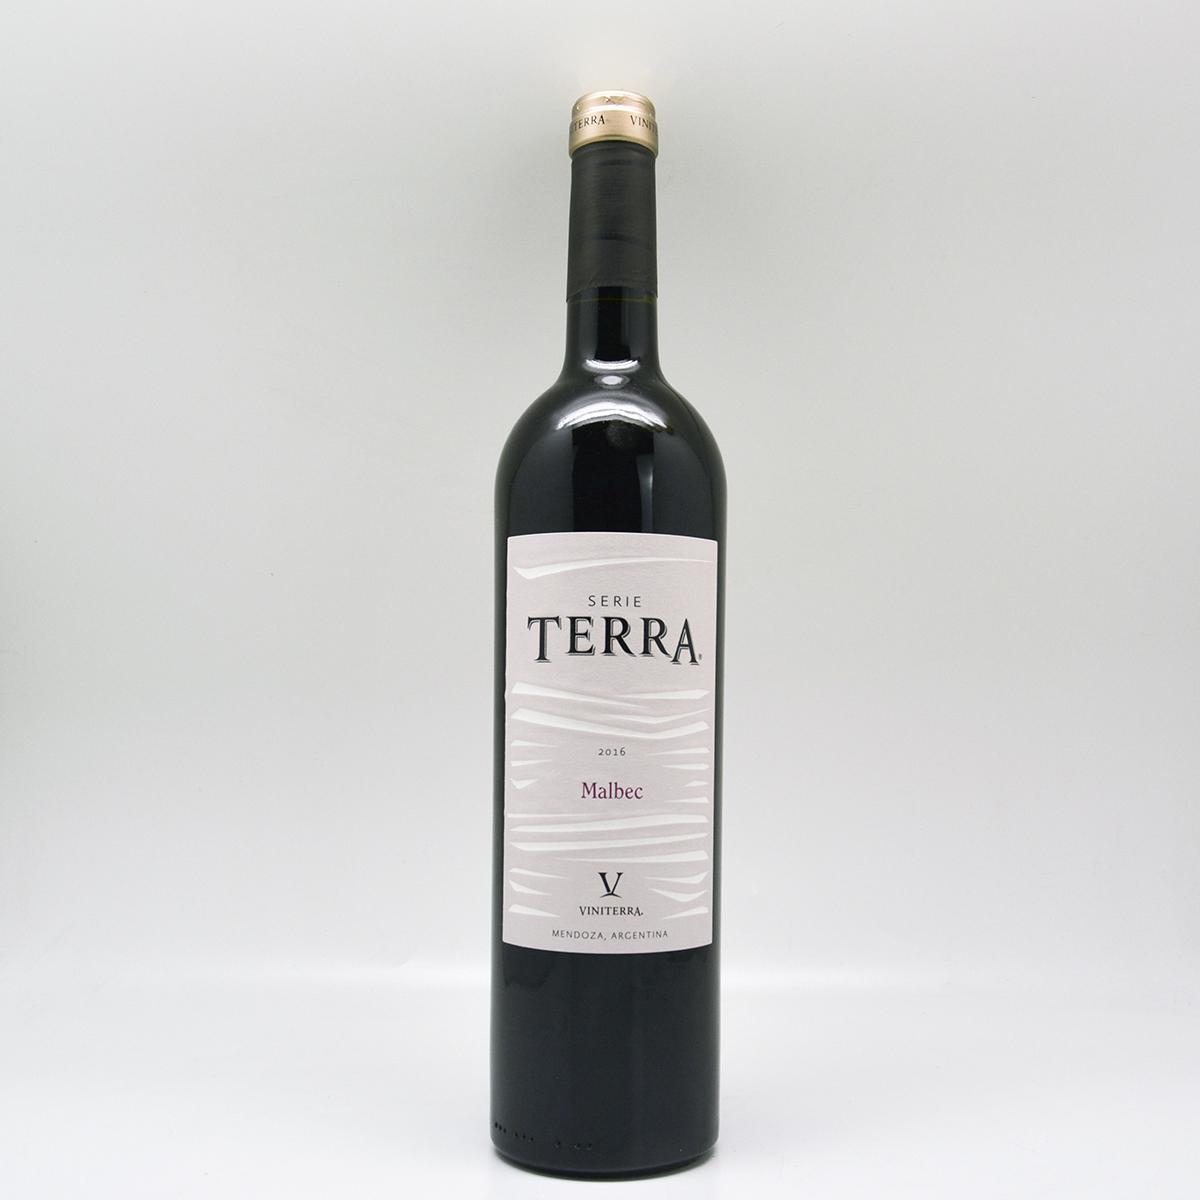 维尼特风土马尔贝克红葡萄酒